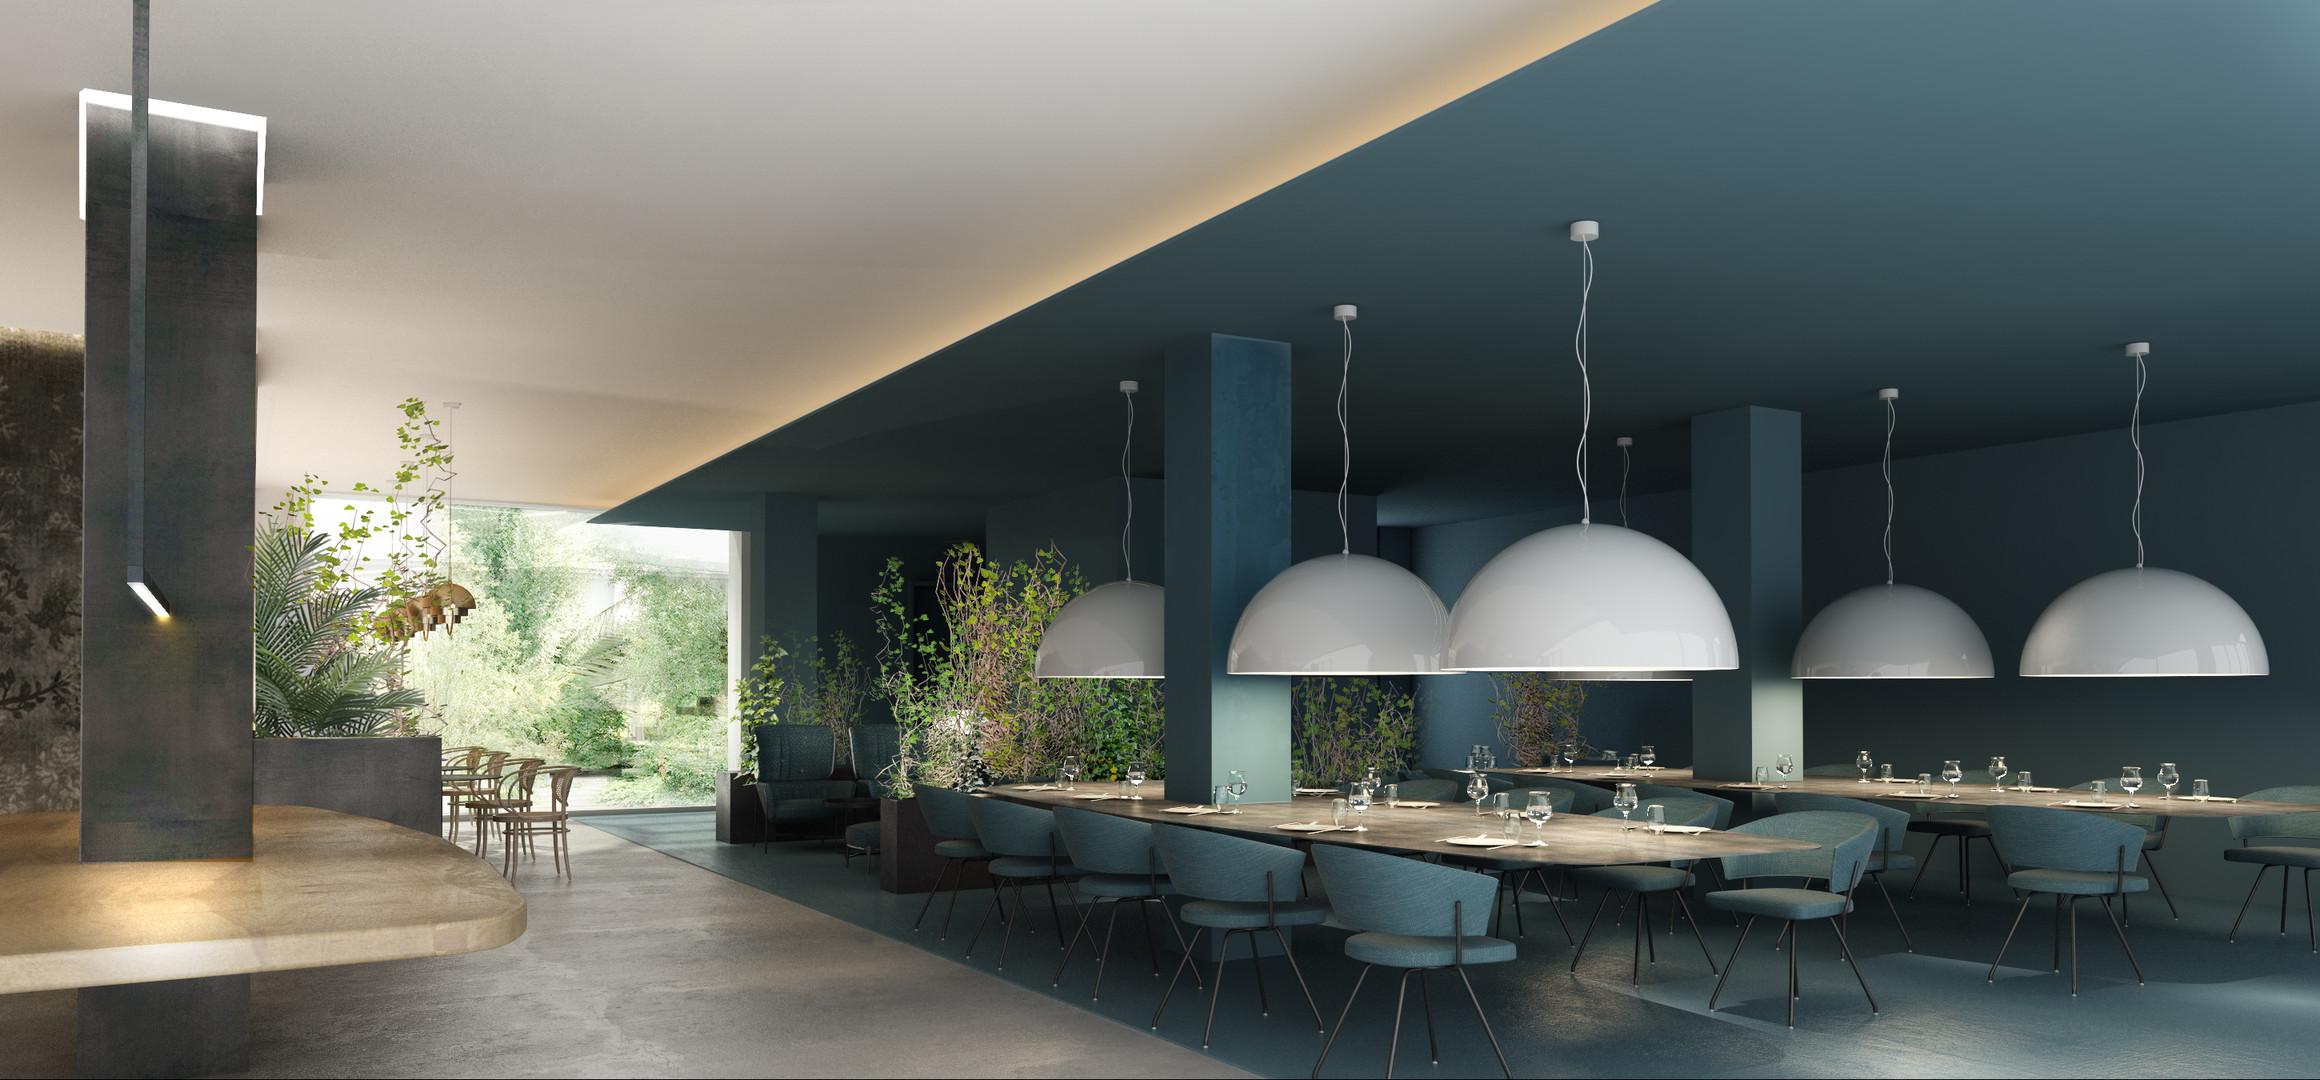 HTO_piano terra_ristorante_4_senza_catod